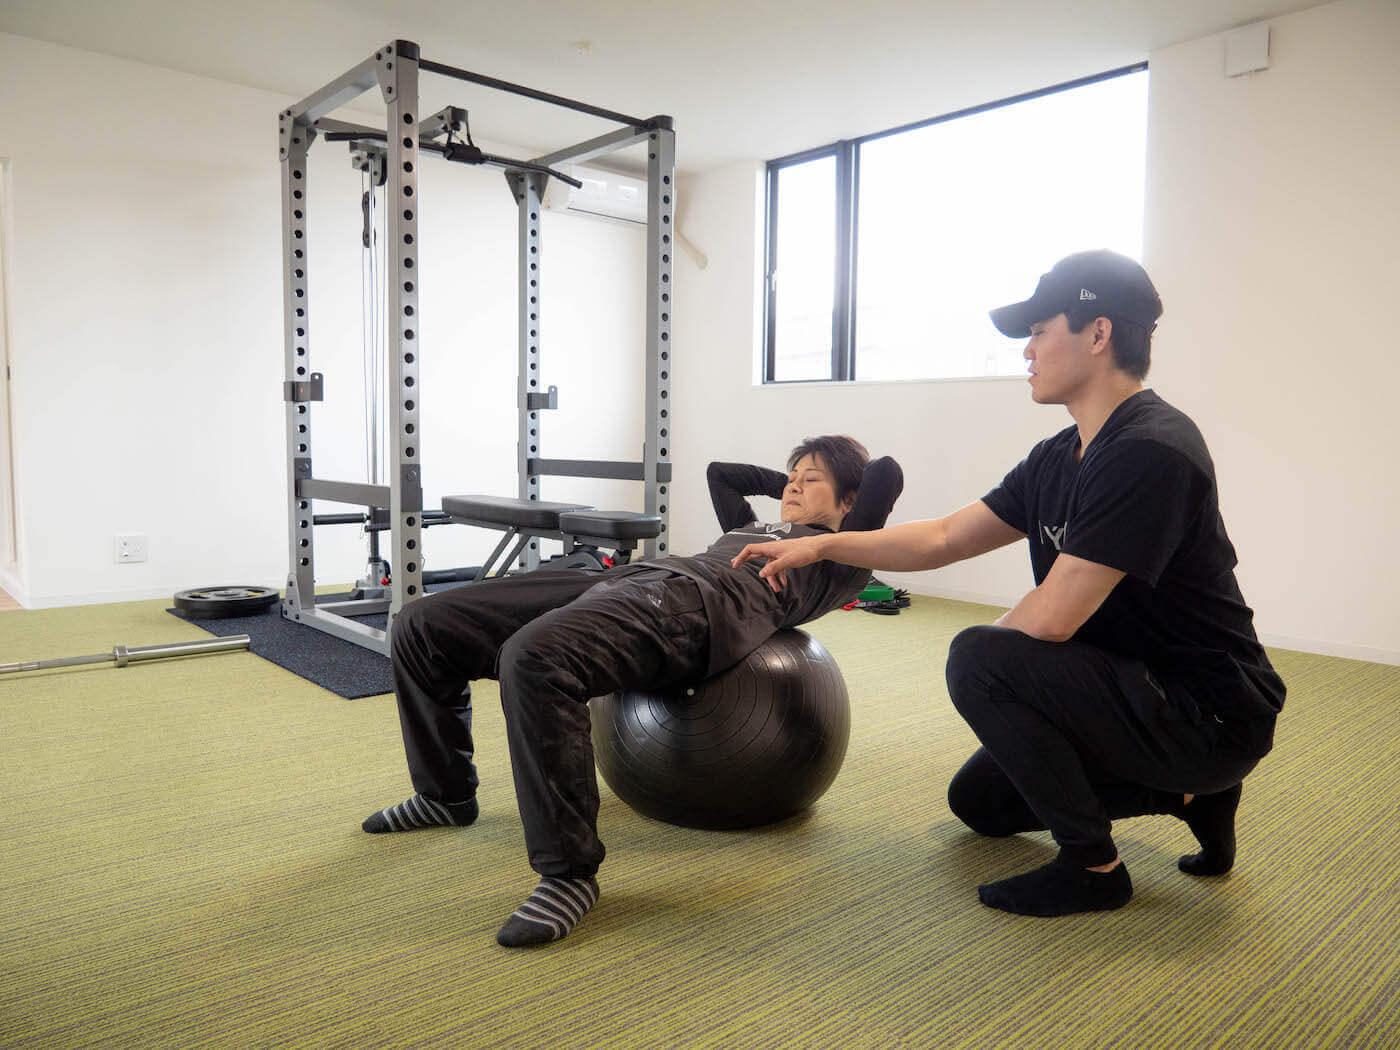 江坂パーソナルジムトレミー、健康のためのパーソナルトレーニング